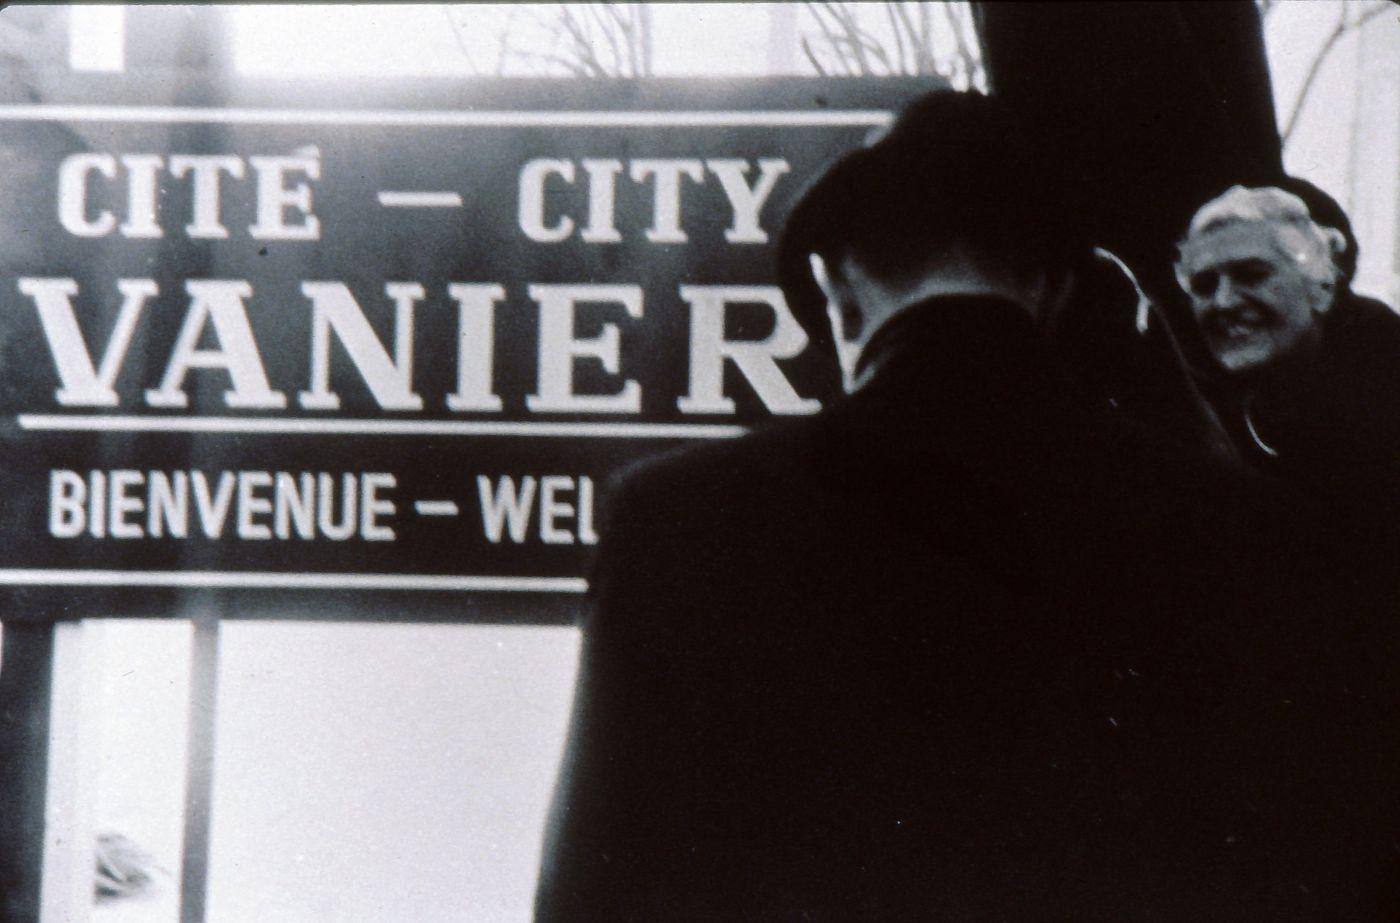 Photographie en noir et blanc d'un homme vu de dos s'approchant d'une pancarte bilingue où l'on peut lire : « Cité – City Vanier Bienvenue – Welcome ». Une femme souriante regarde l'homme.